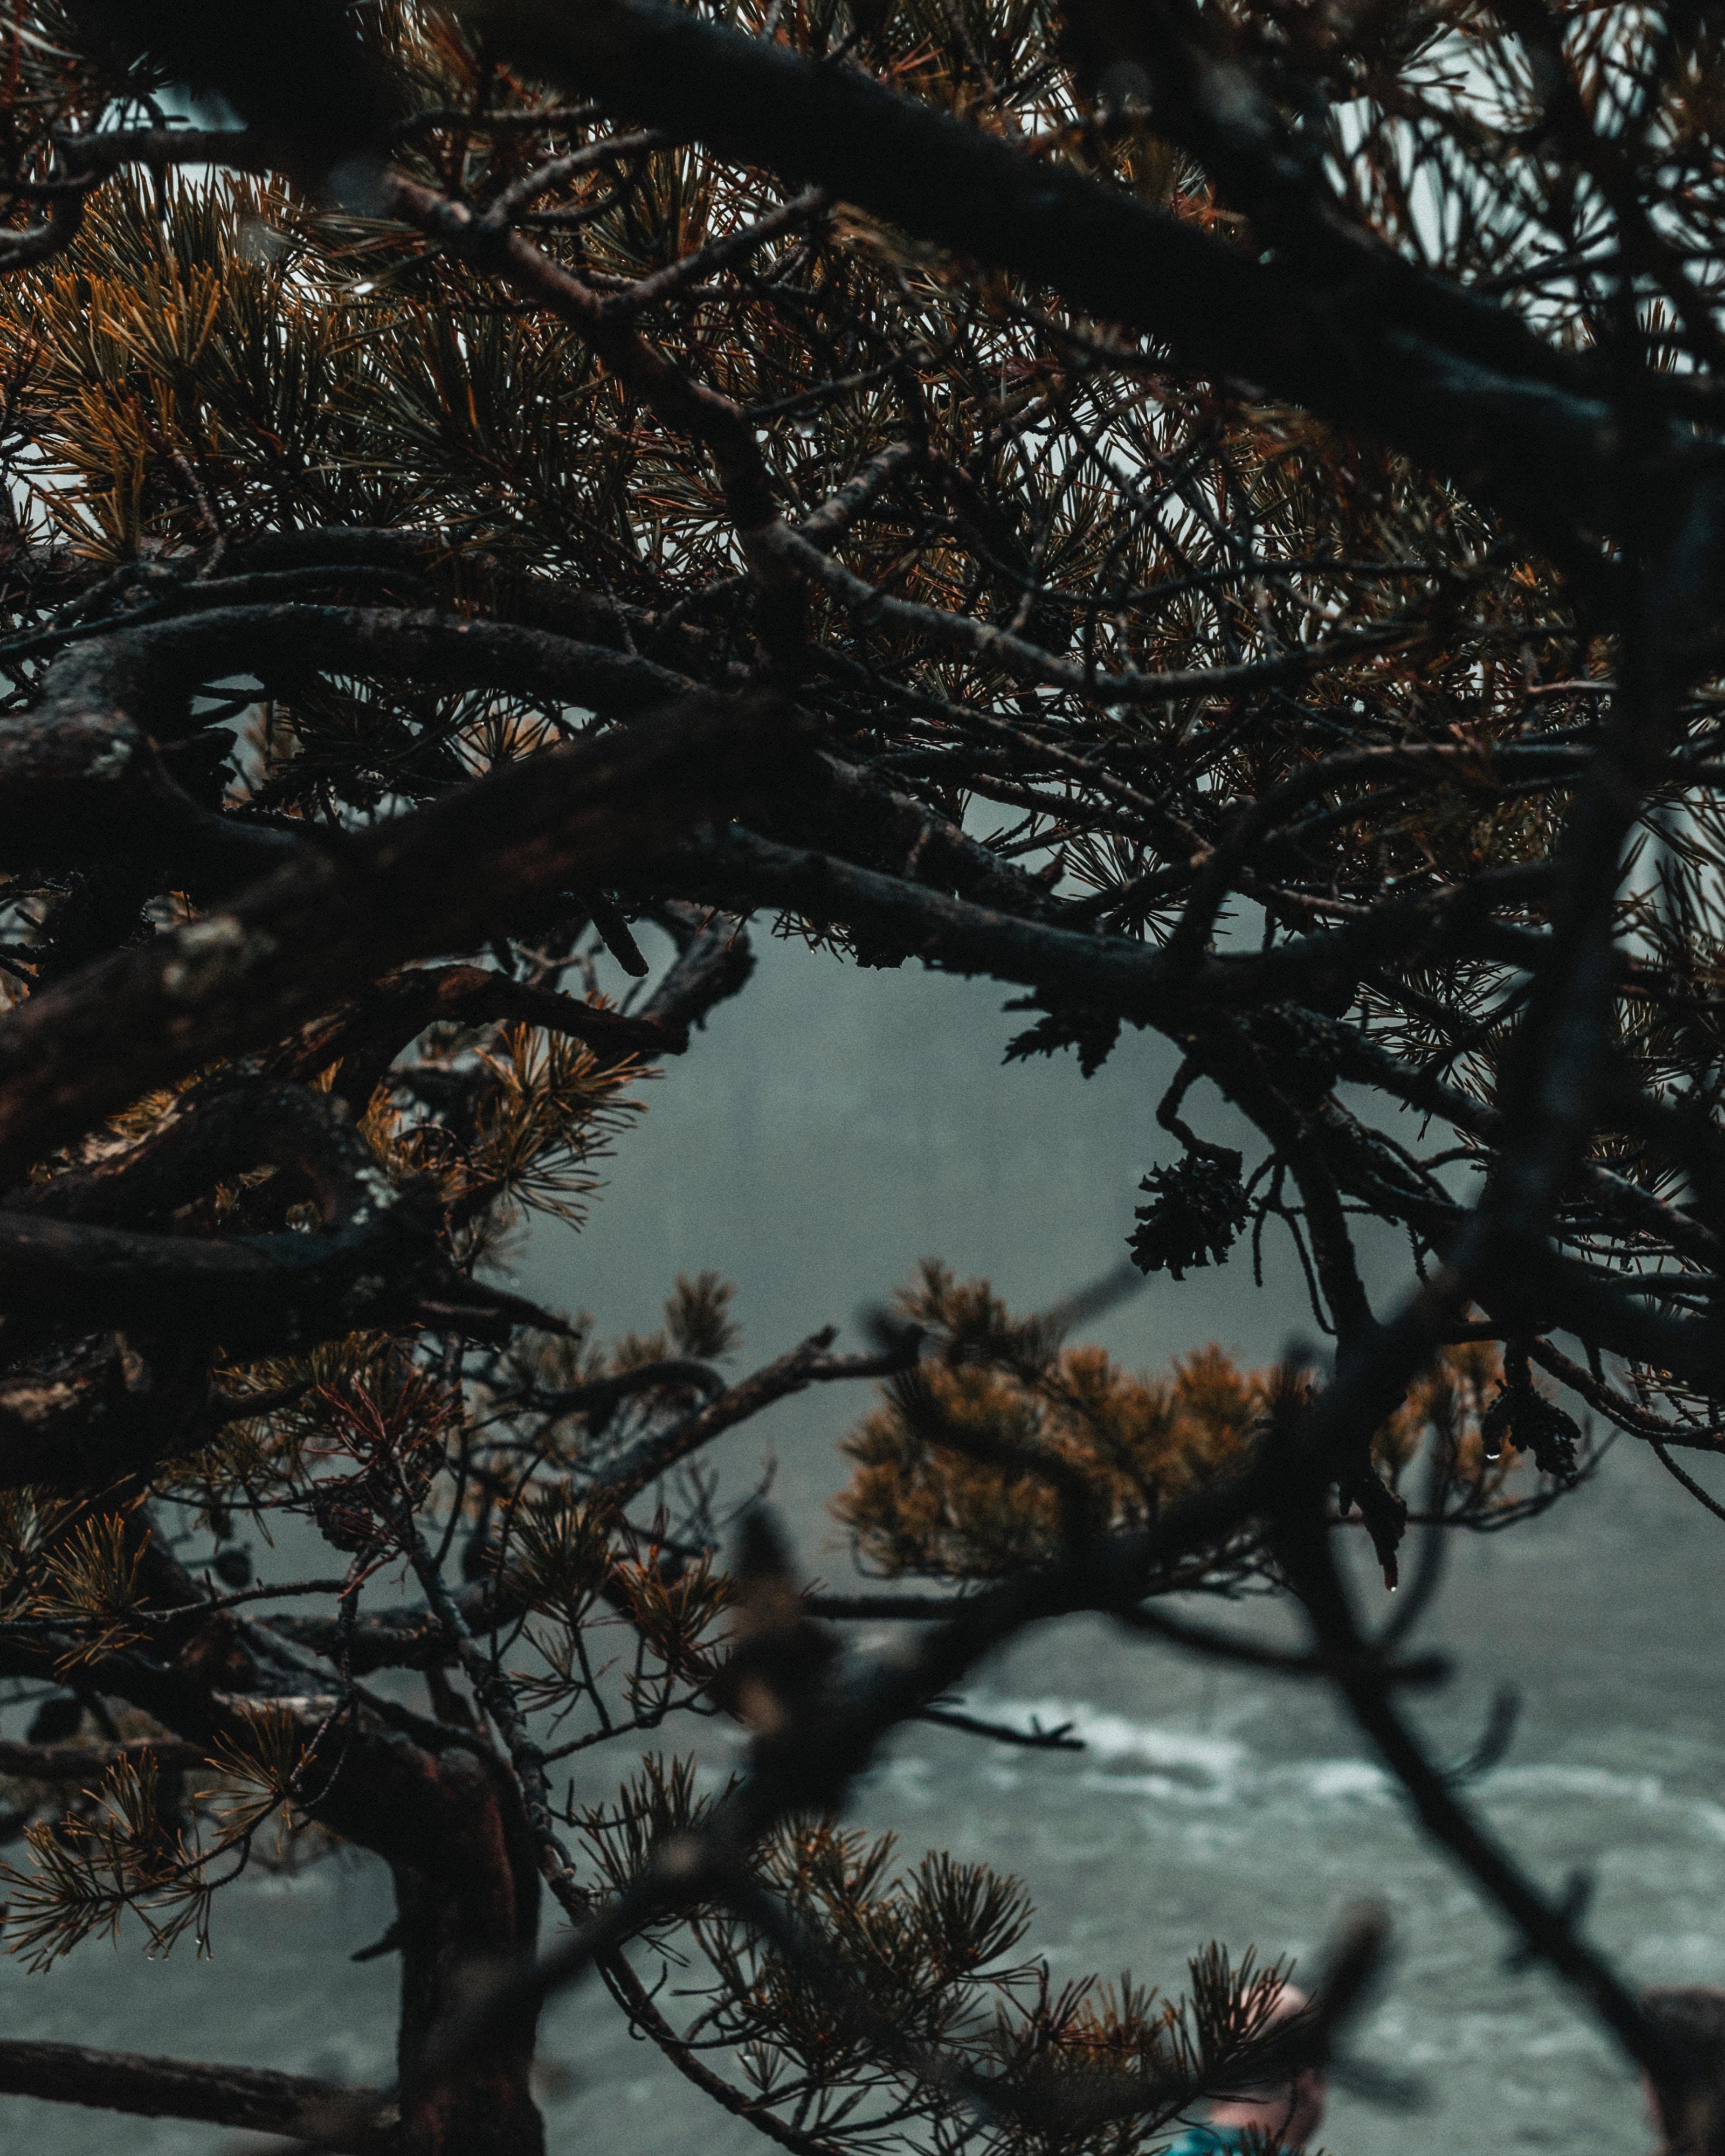 106453 Заставки и Обои Иголки на телефон. Скачать Природа, Иголки, Дерево, Туман, Ветки картинки бесплатно